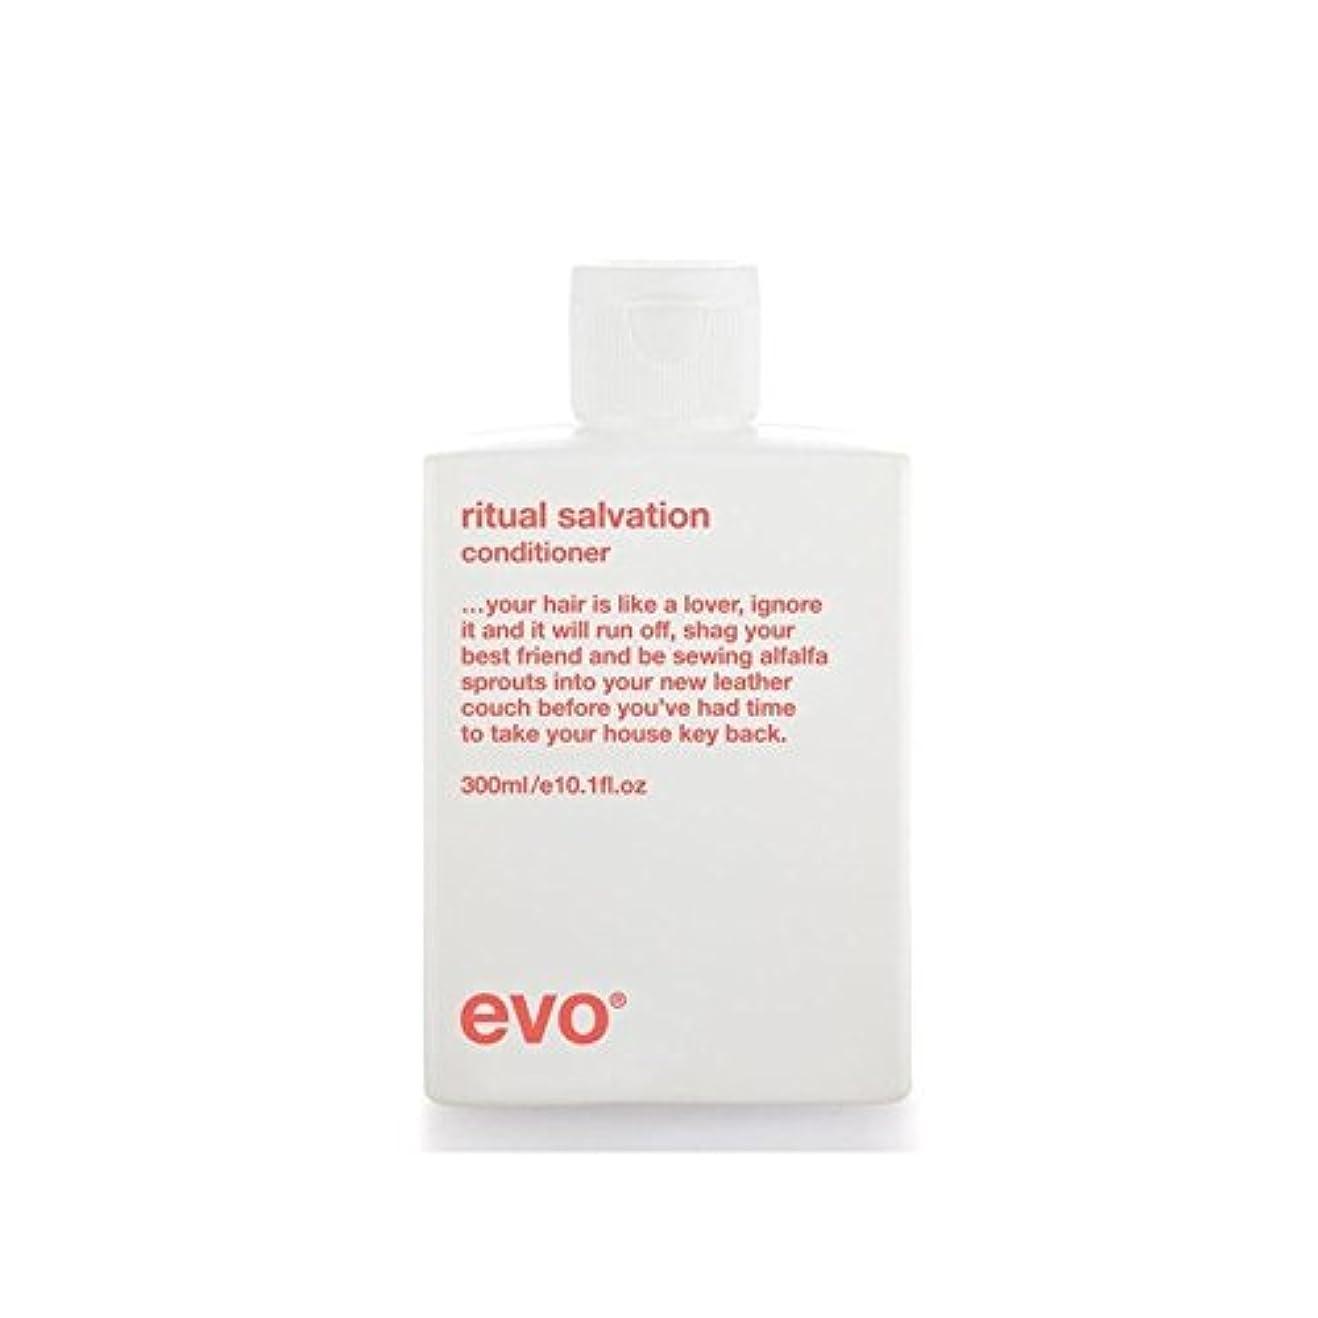 子供時代モッキンバード寛容Evo Ritual Salvation Conditioner (300ml) - 儀式救いコンディショナー(300ミリリットル) [並行輸入品]